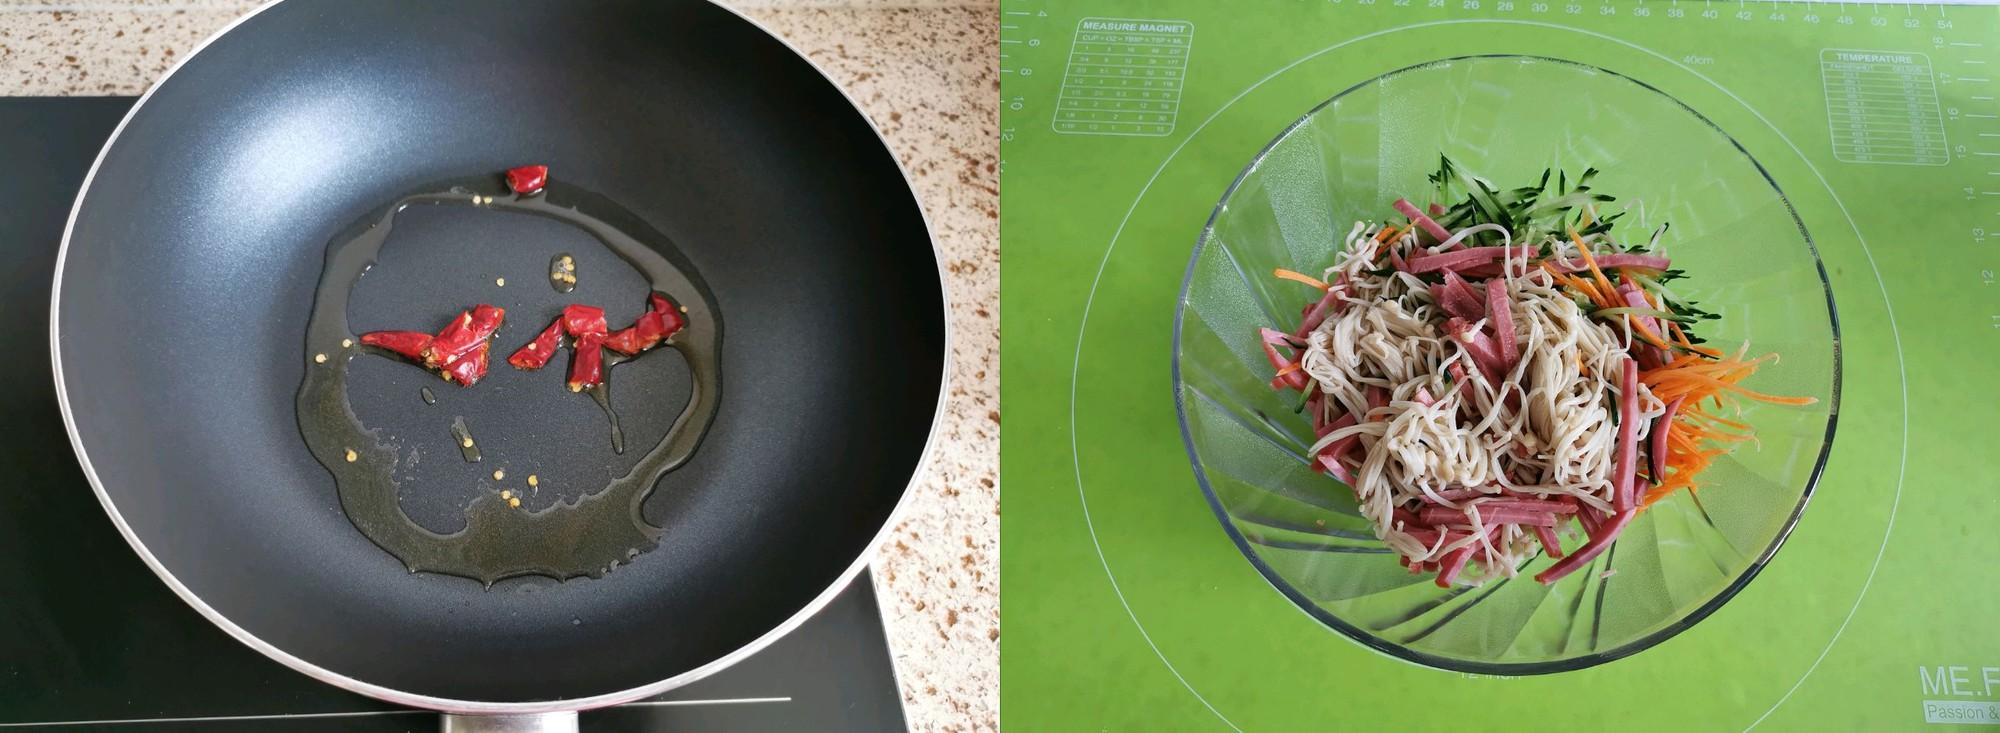 Ăn kiêng giảm cân không thể không biết đến món nấm trộn ngon xuất sắc này - Ảnh 4.